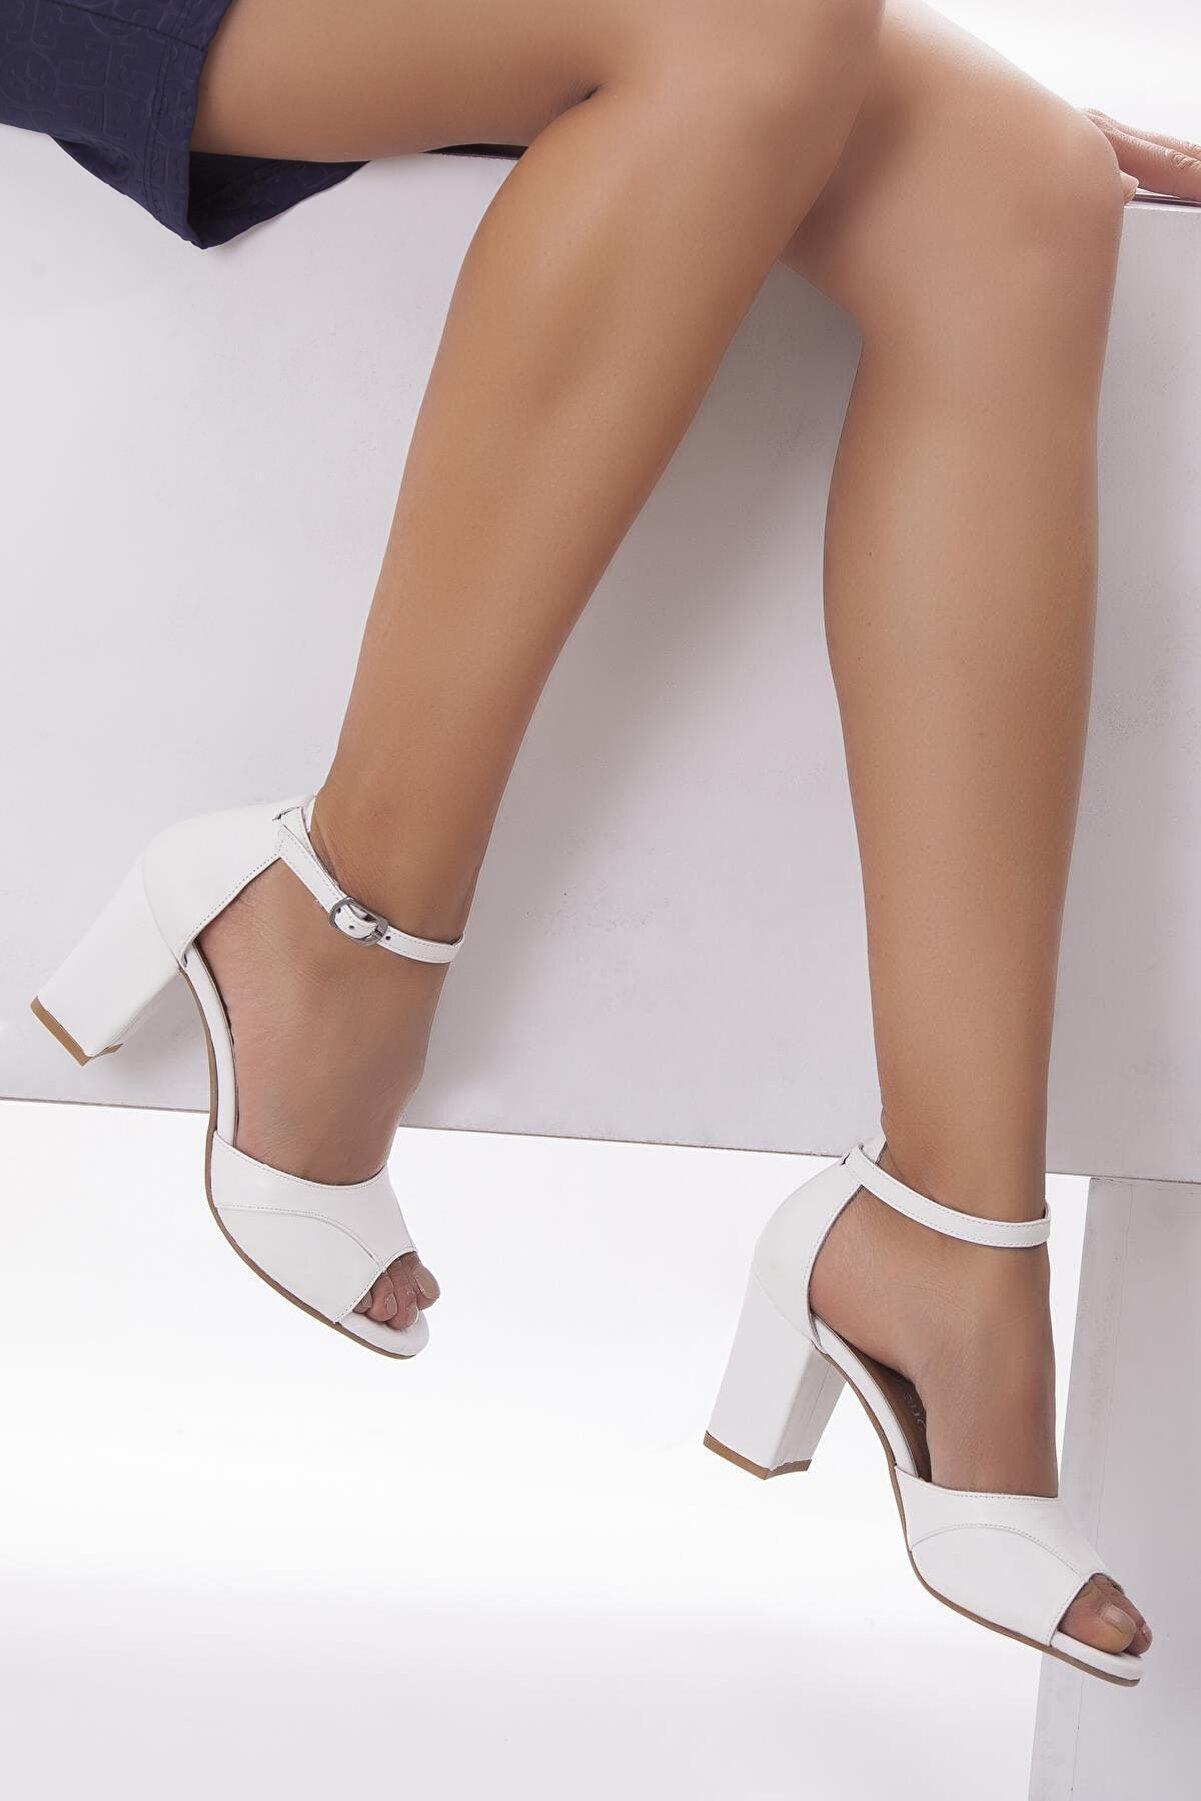 Deripabuc Hakiki Deri Beyaz Kadın Topuklu Deri Ayakkabı Shn-0314